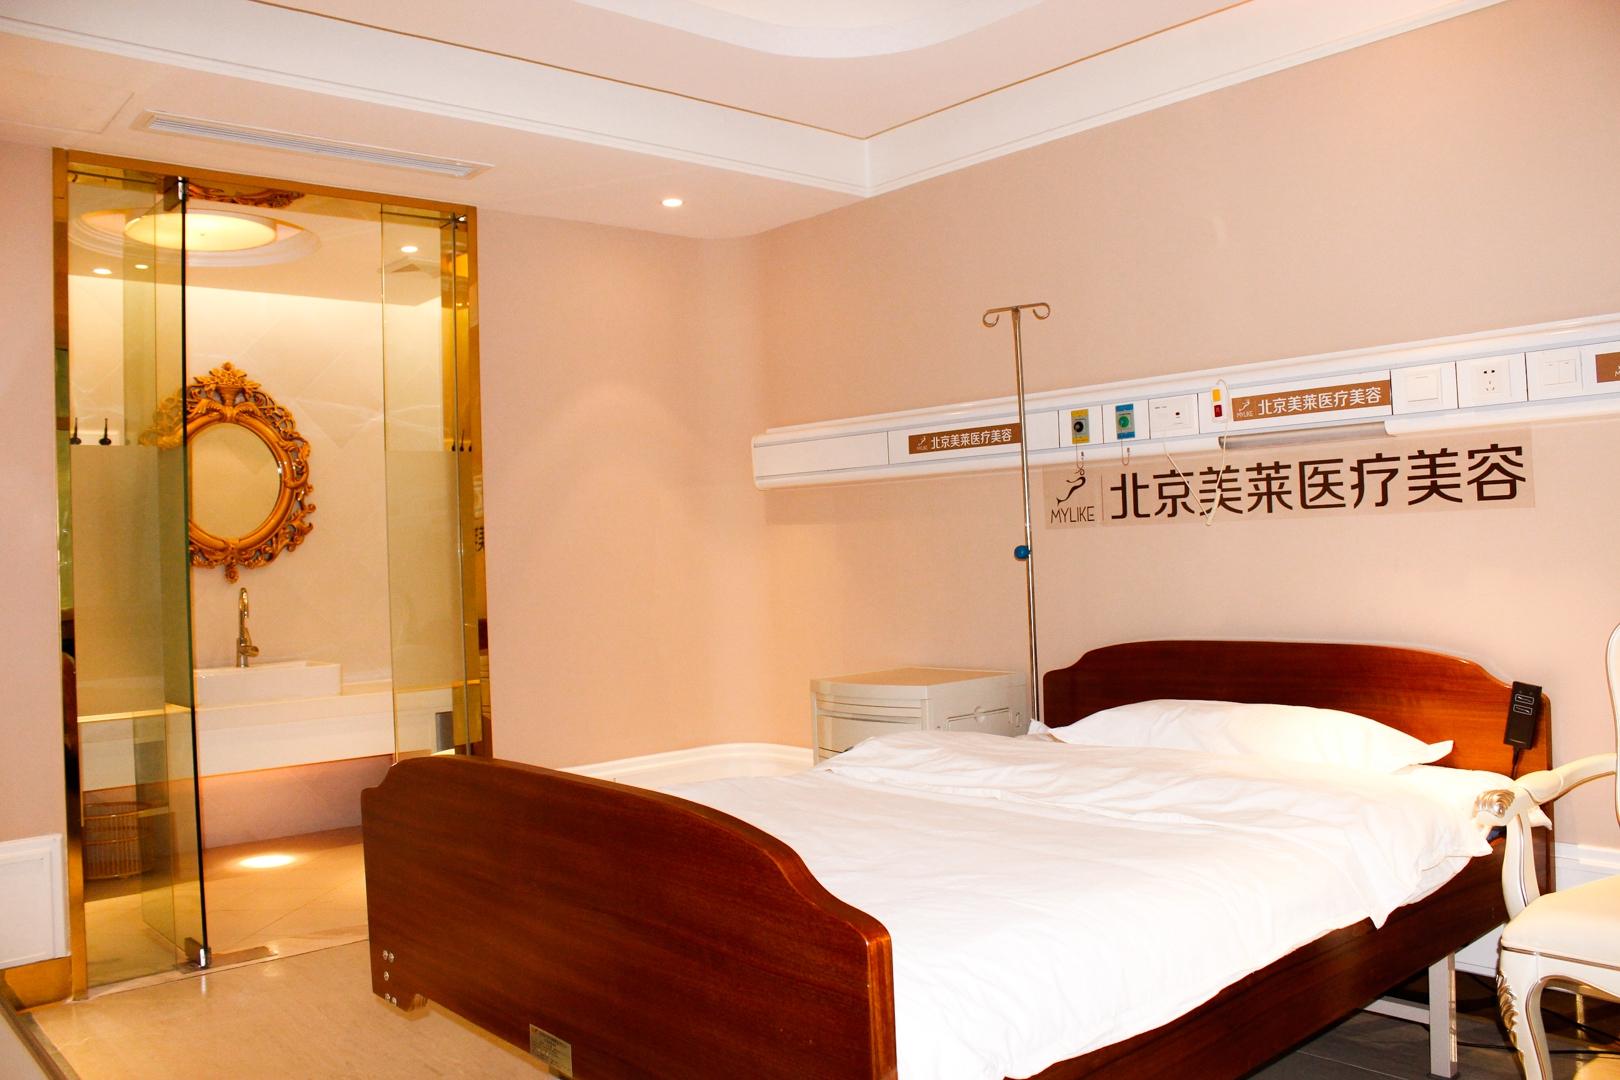 北京美莱医疗美容医院环境图2